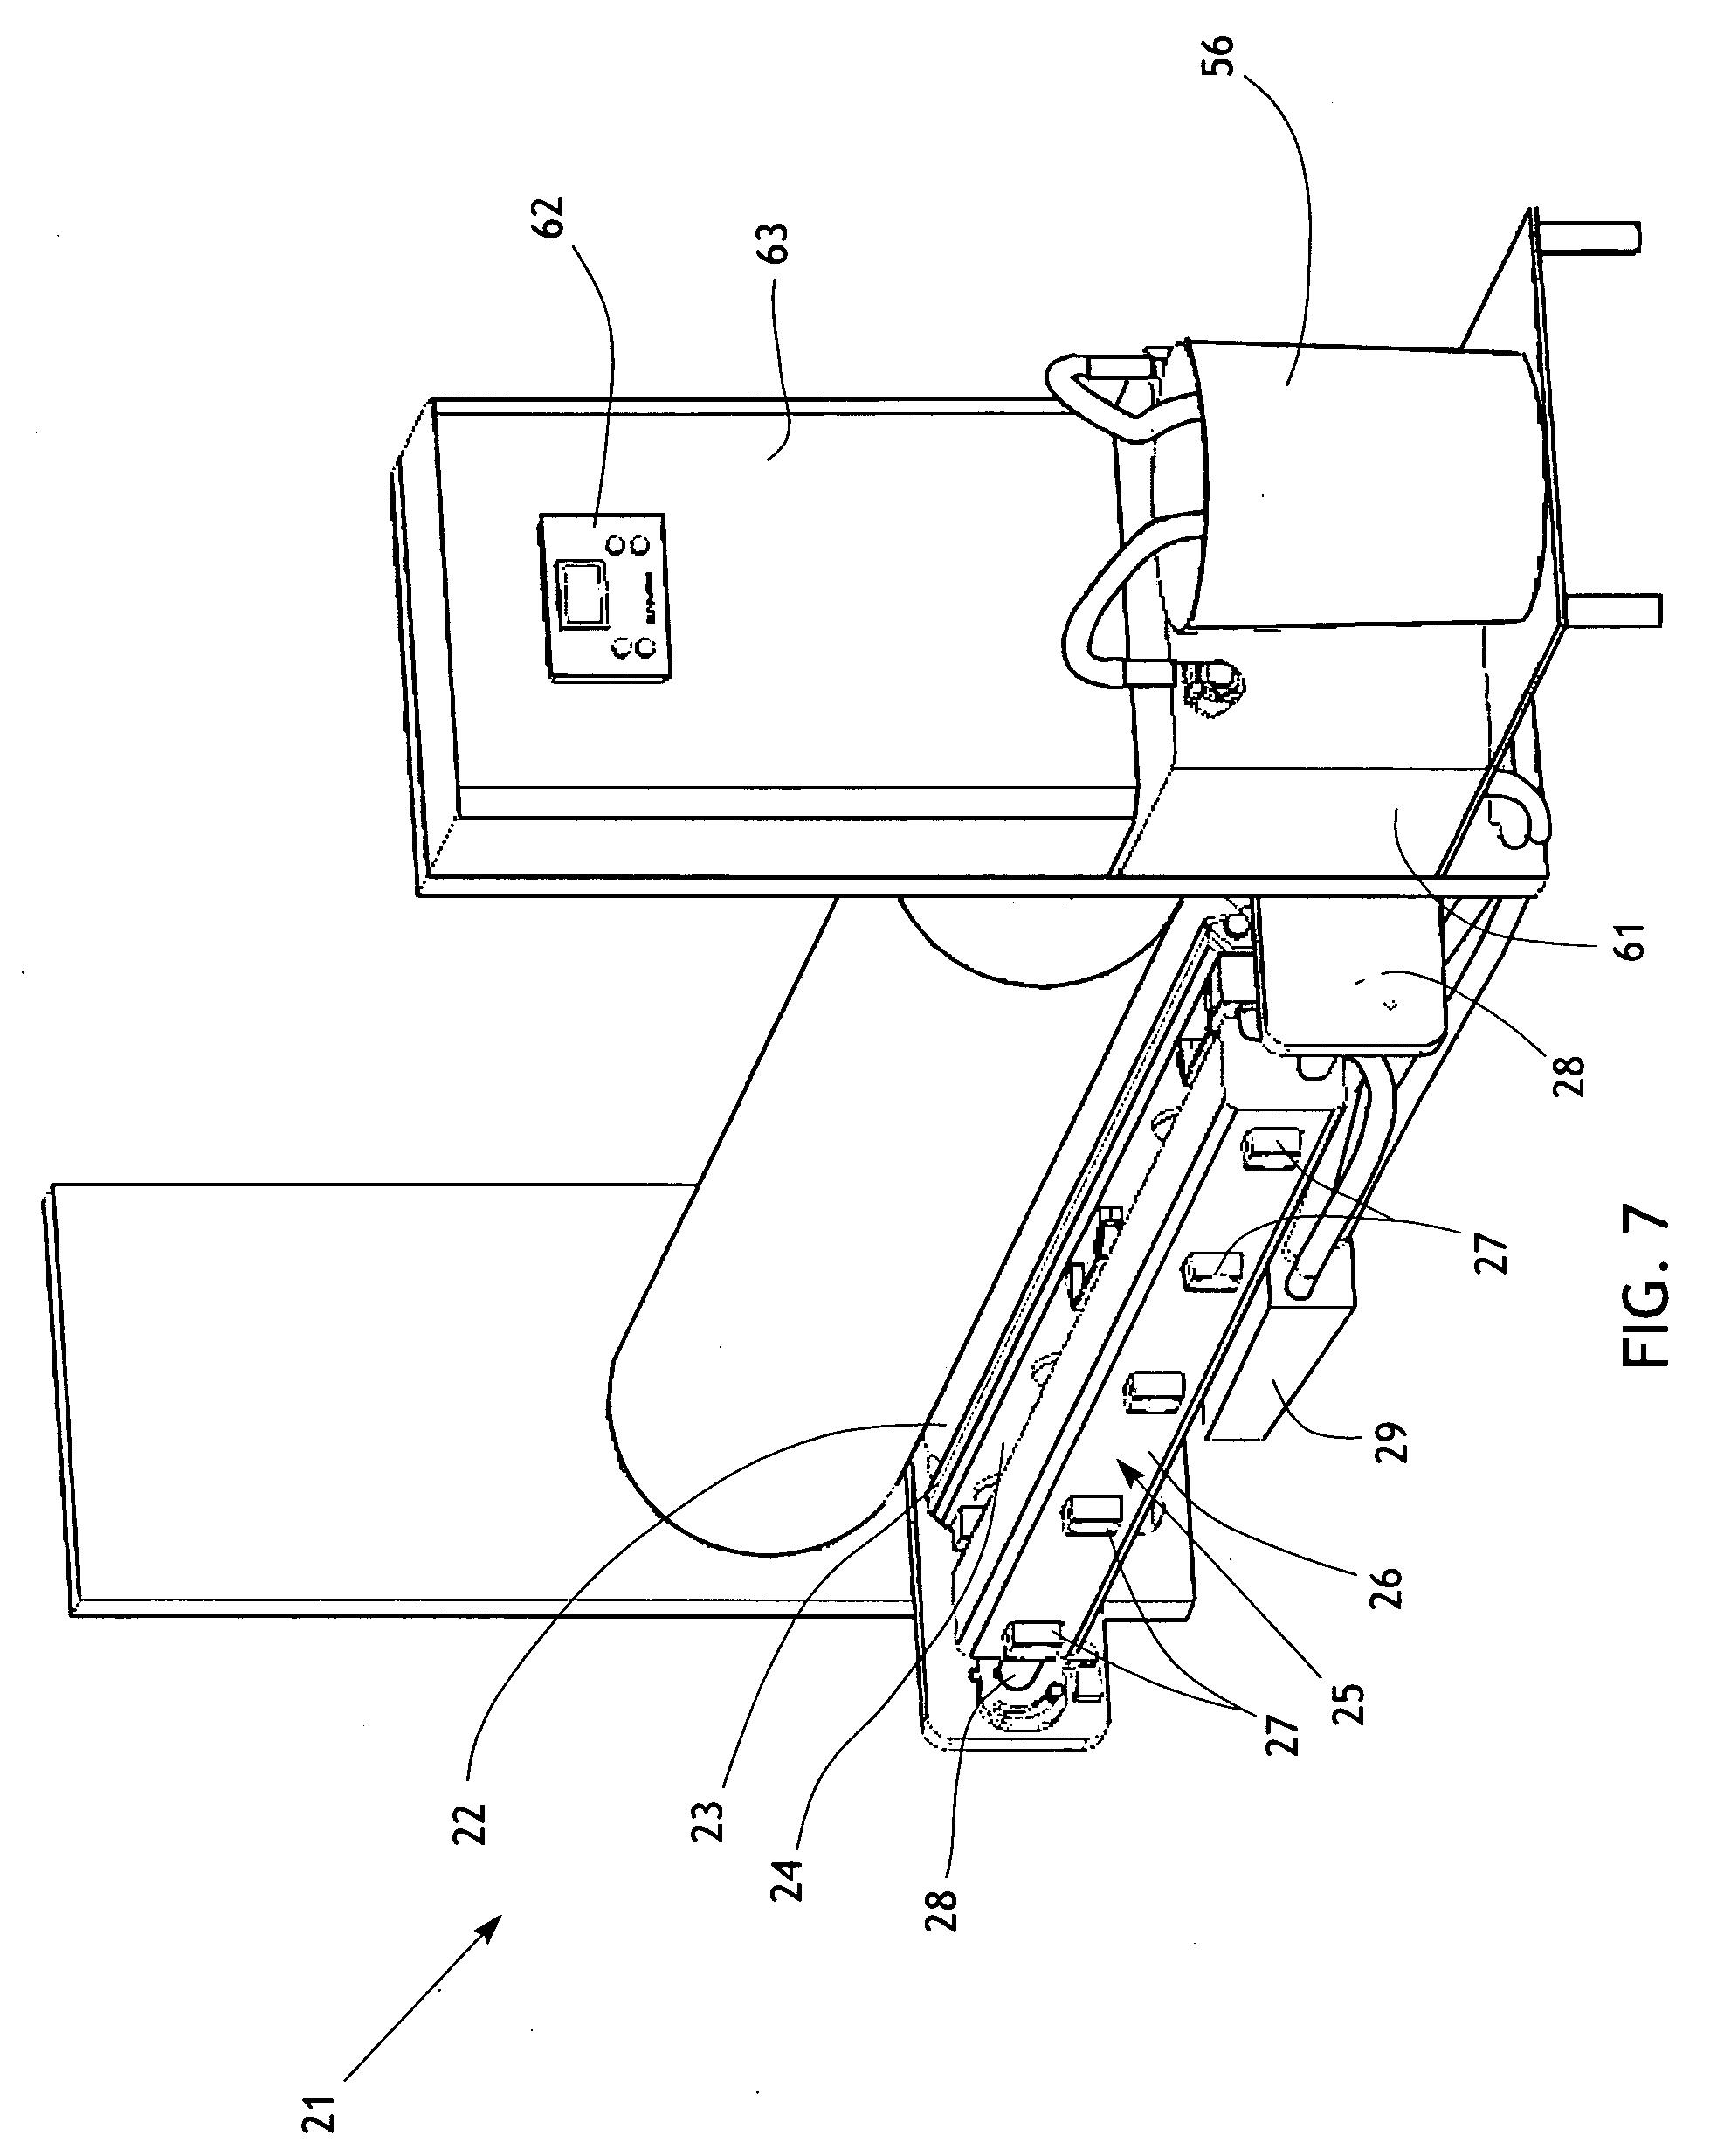 patent us20090291217